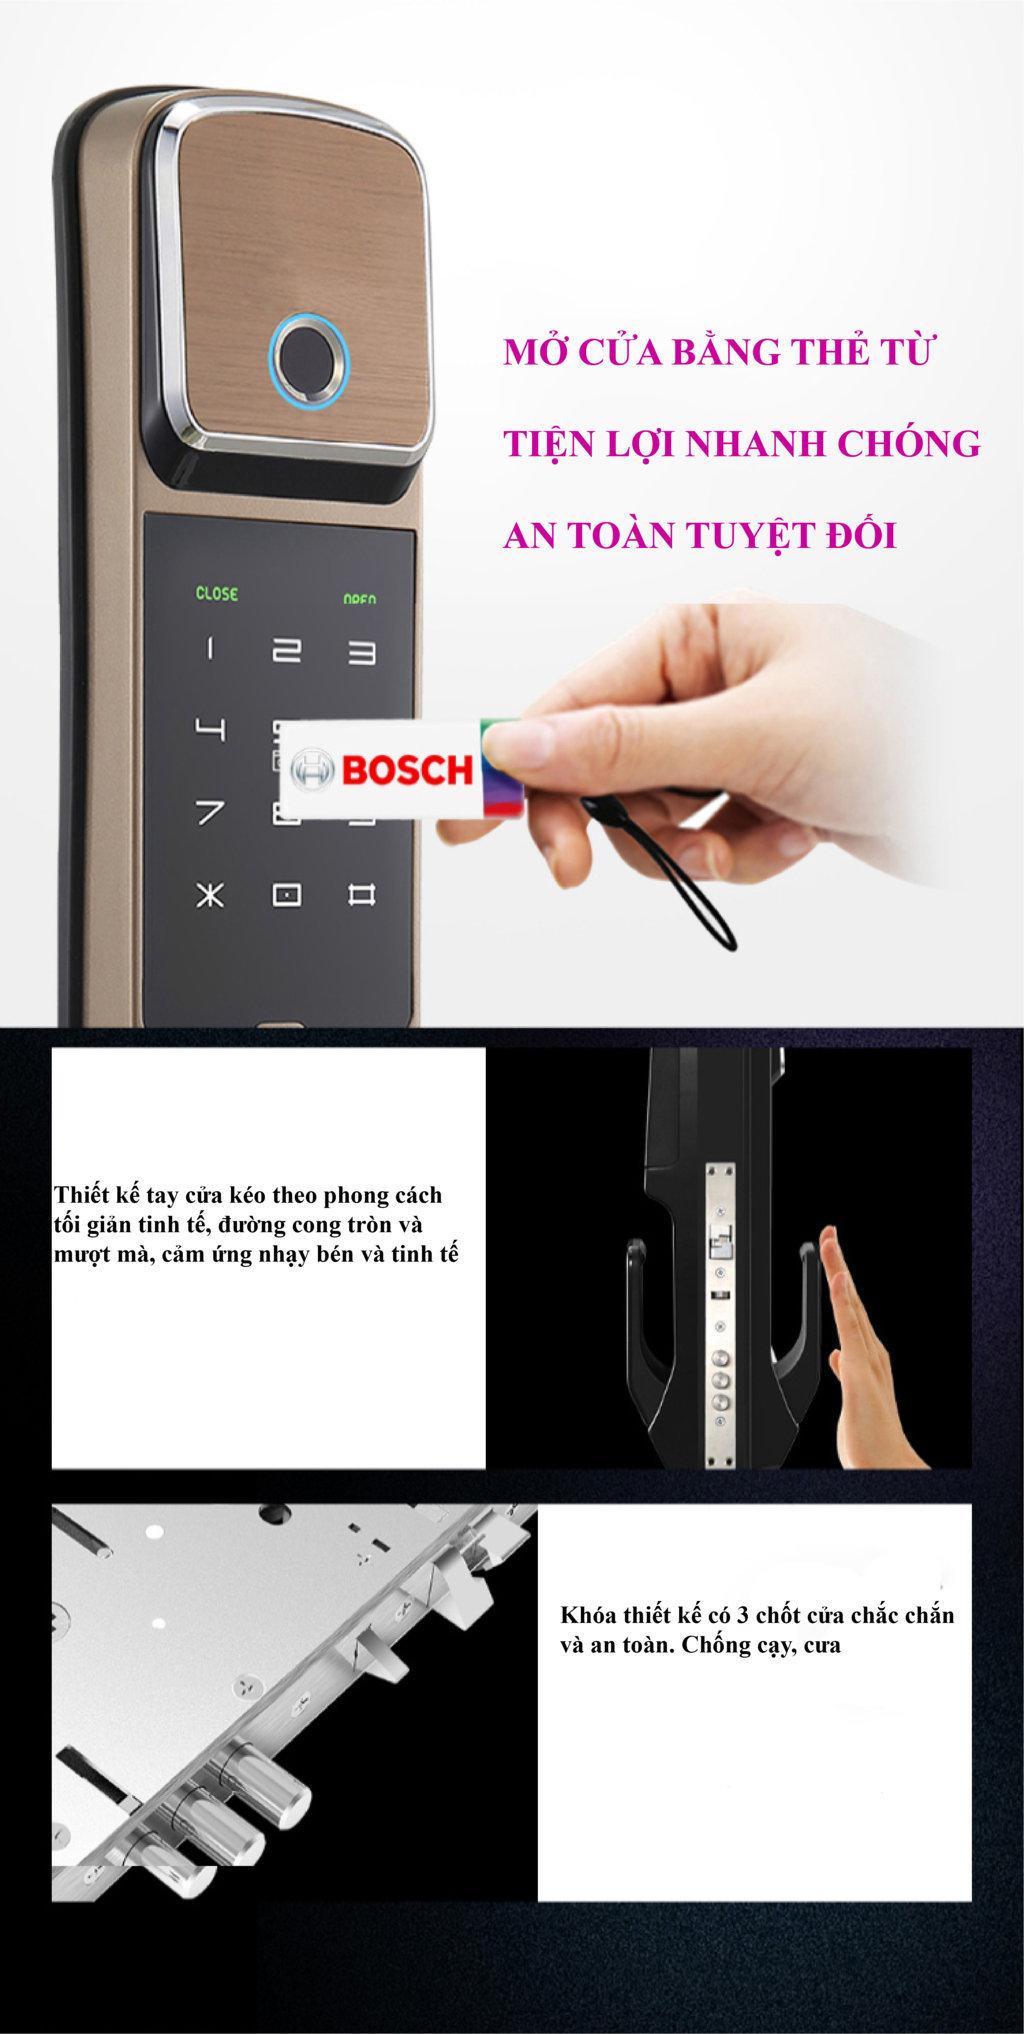 Ảnh 3 - Khóa điện tử Bosch FU550